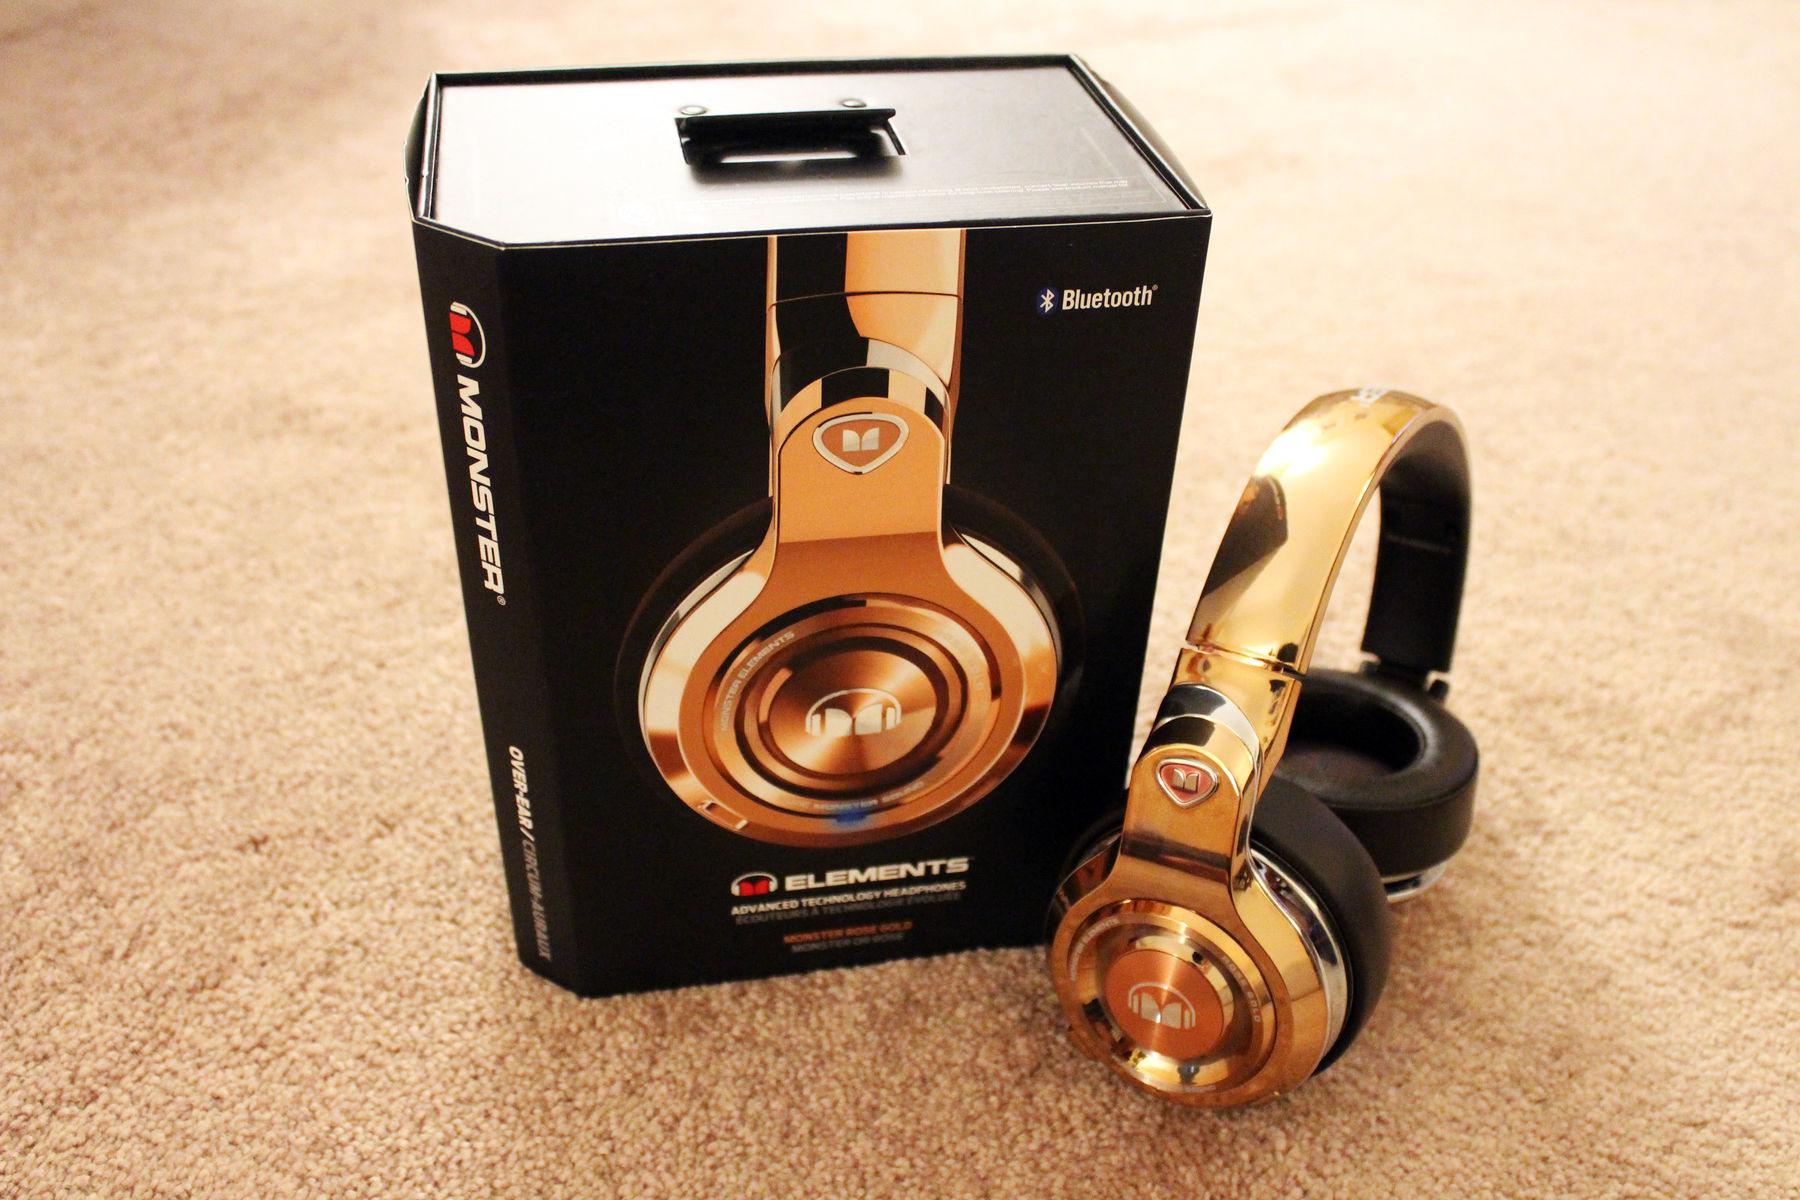 Monster Elements Headphones